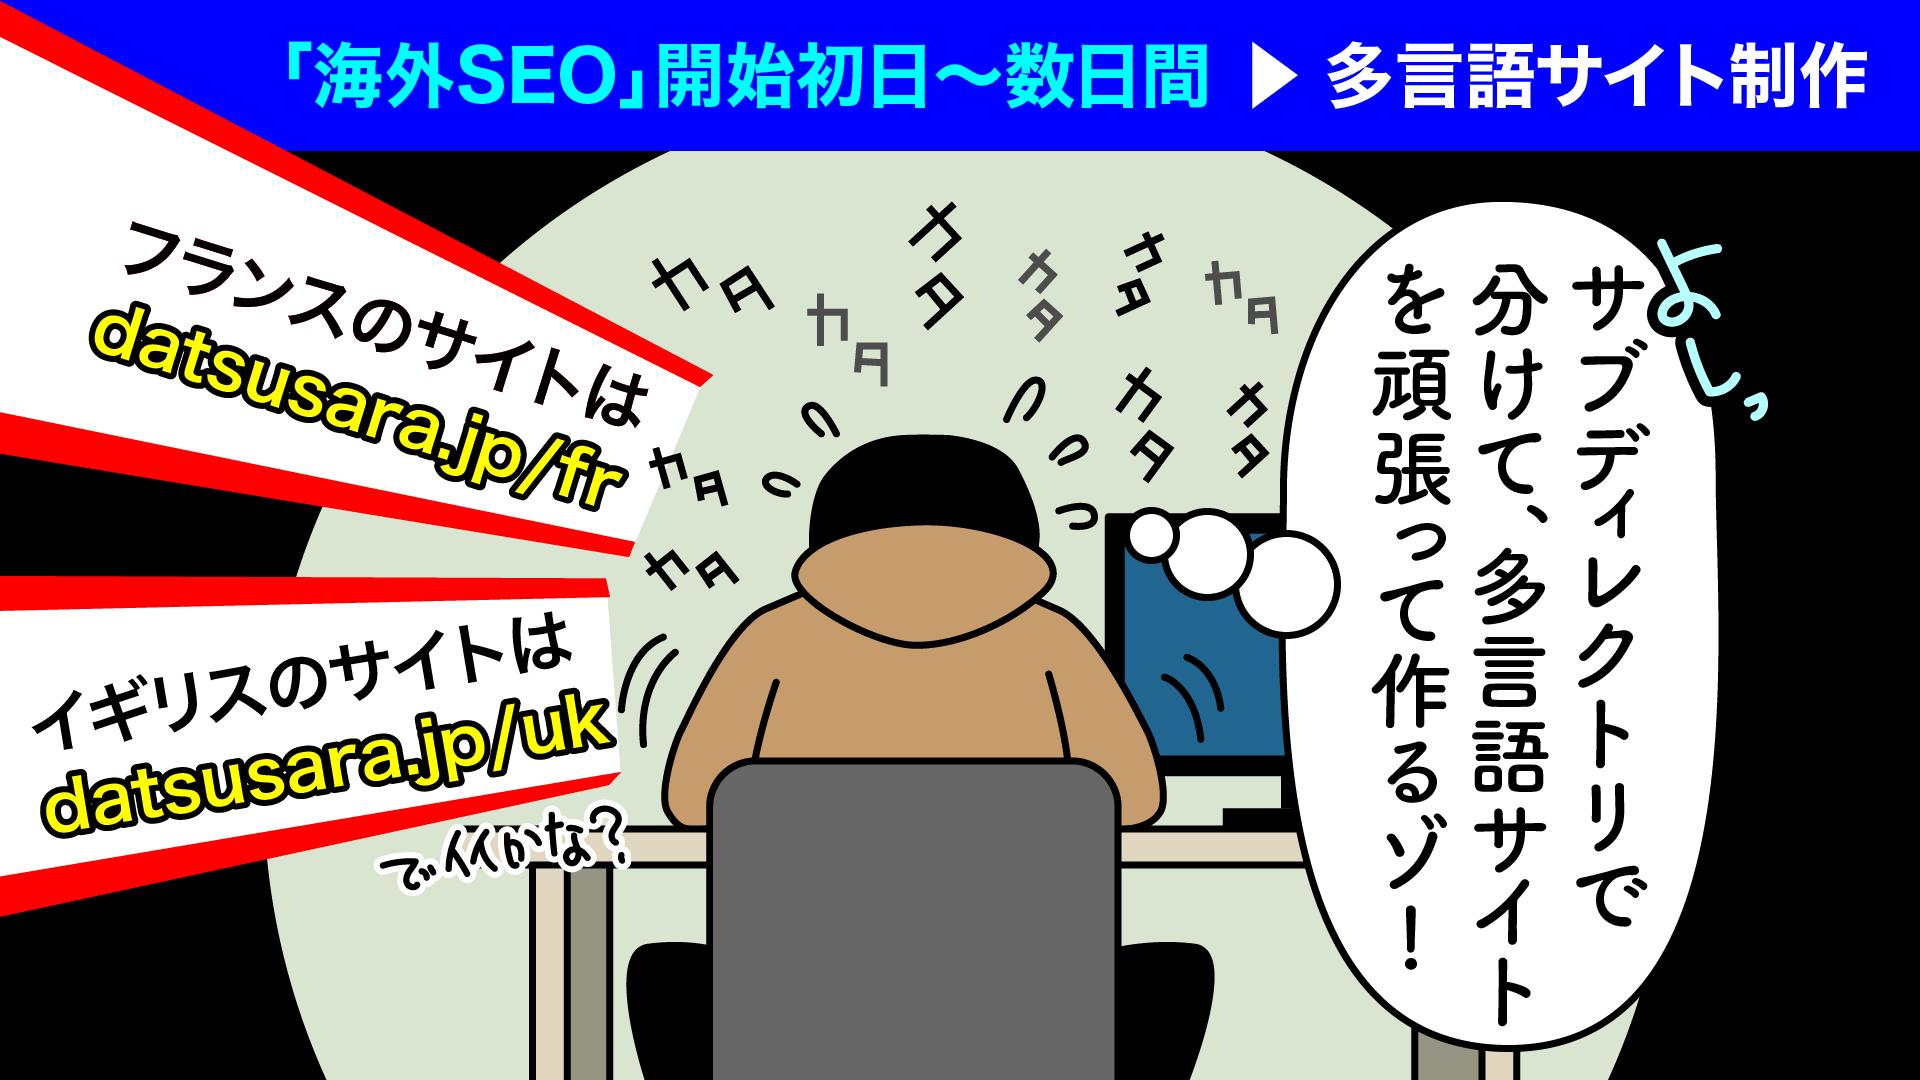 海外SEO-SEO対策漫画③